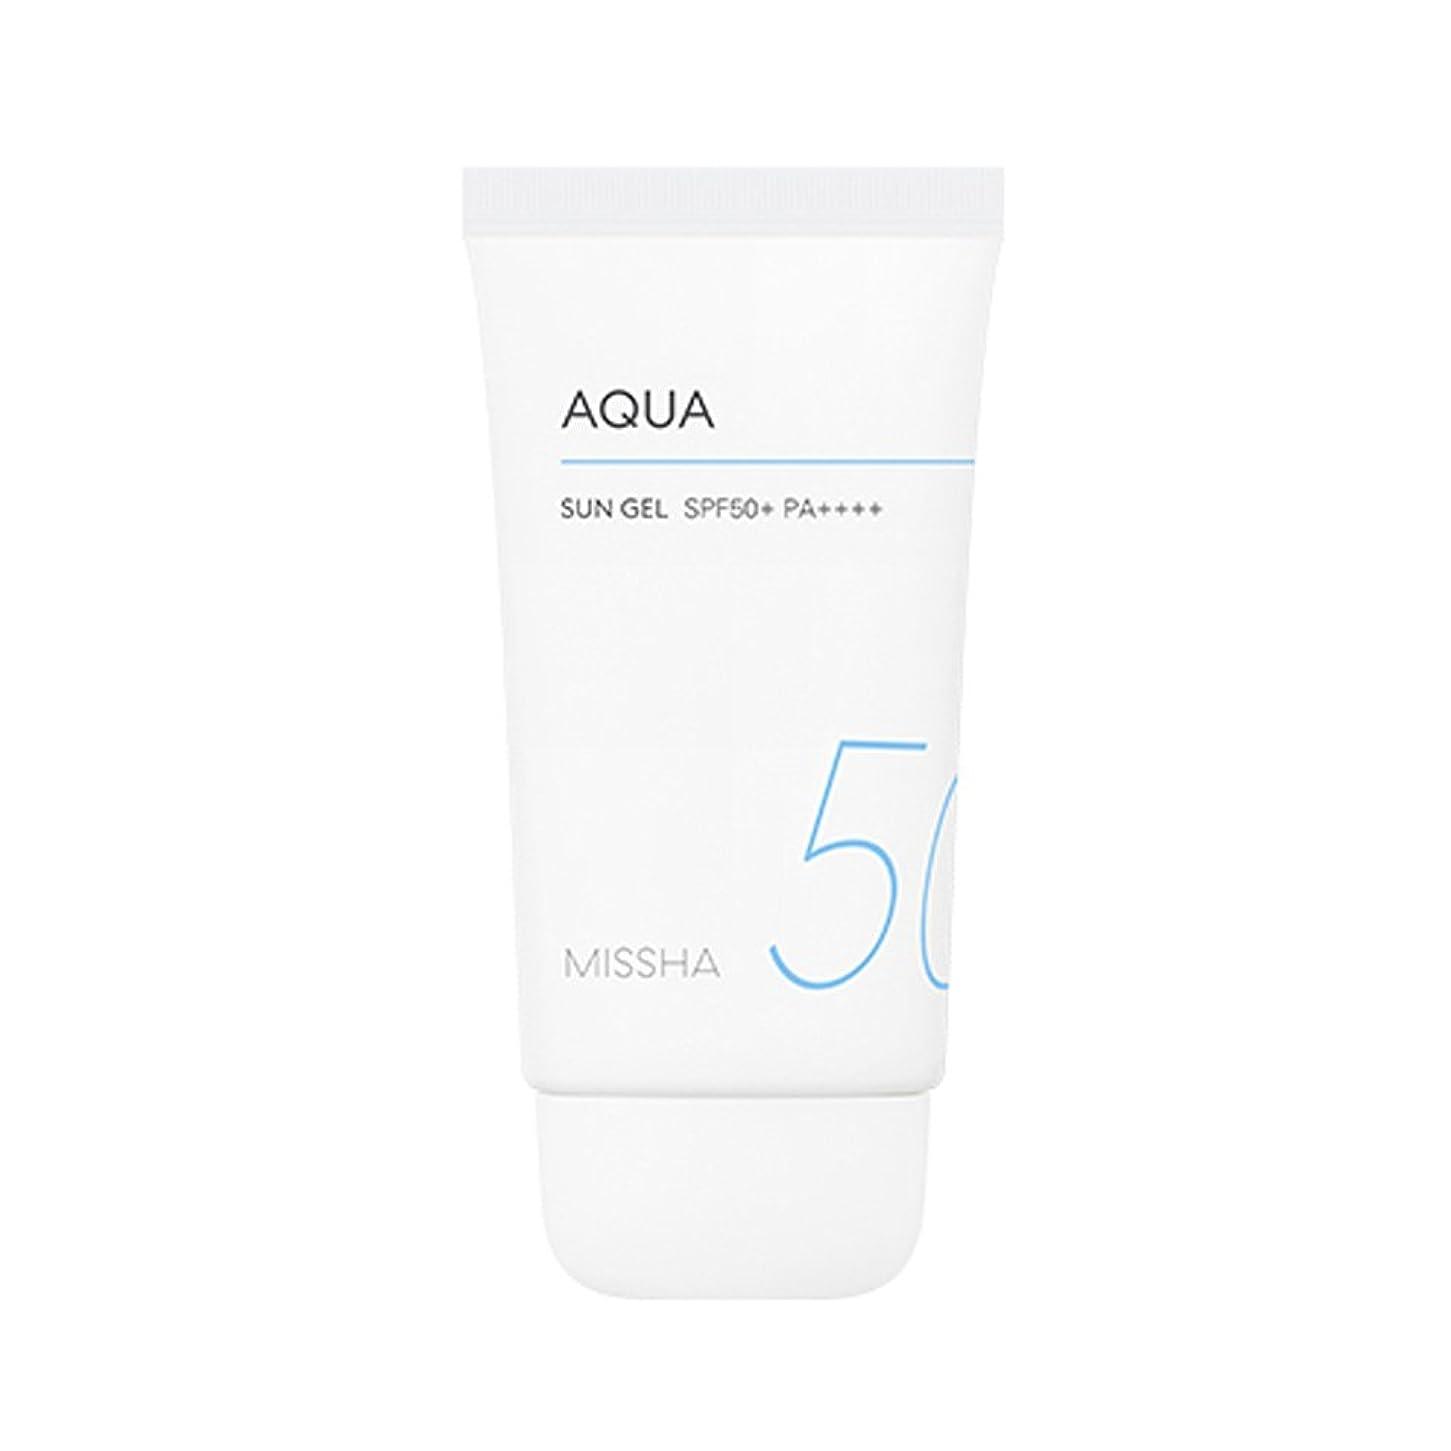 皮浮く含むMissha All Around Safe Block Aqua Sun Gel SPF50+ PA++++ 50ml ミシャ オール アラウンド セーフ ブロック アクア サン ジェル 50ml [並行輸入品]